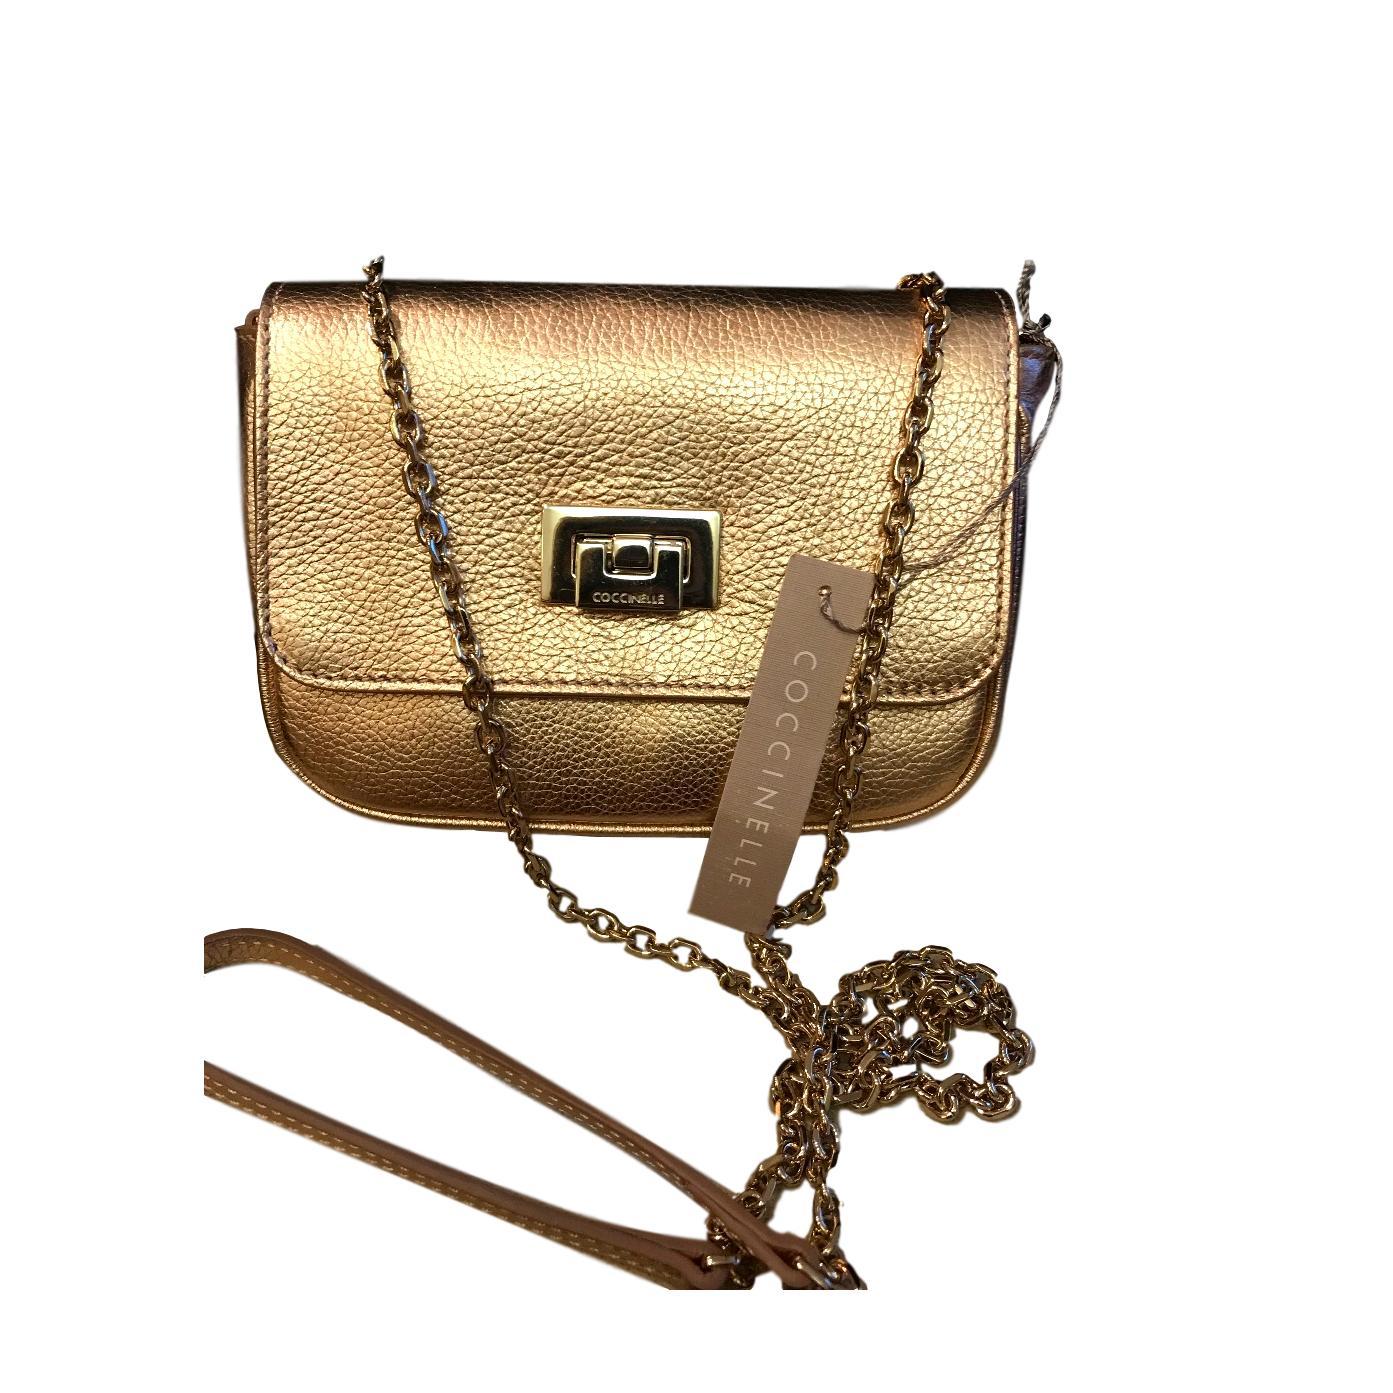 cdbaf612c084 Купить вечернюю сумку Coccinelle за 14190 руб. в интернет магазине ...